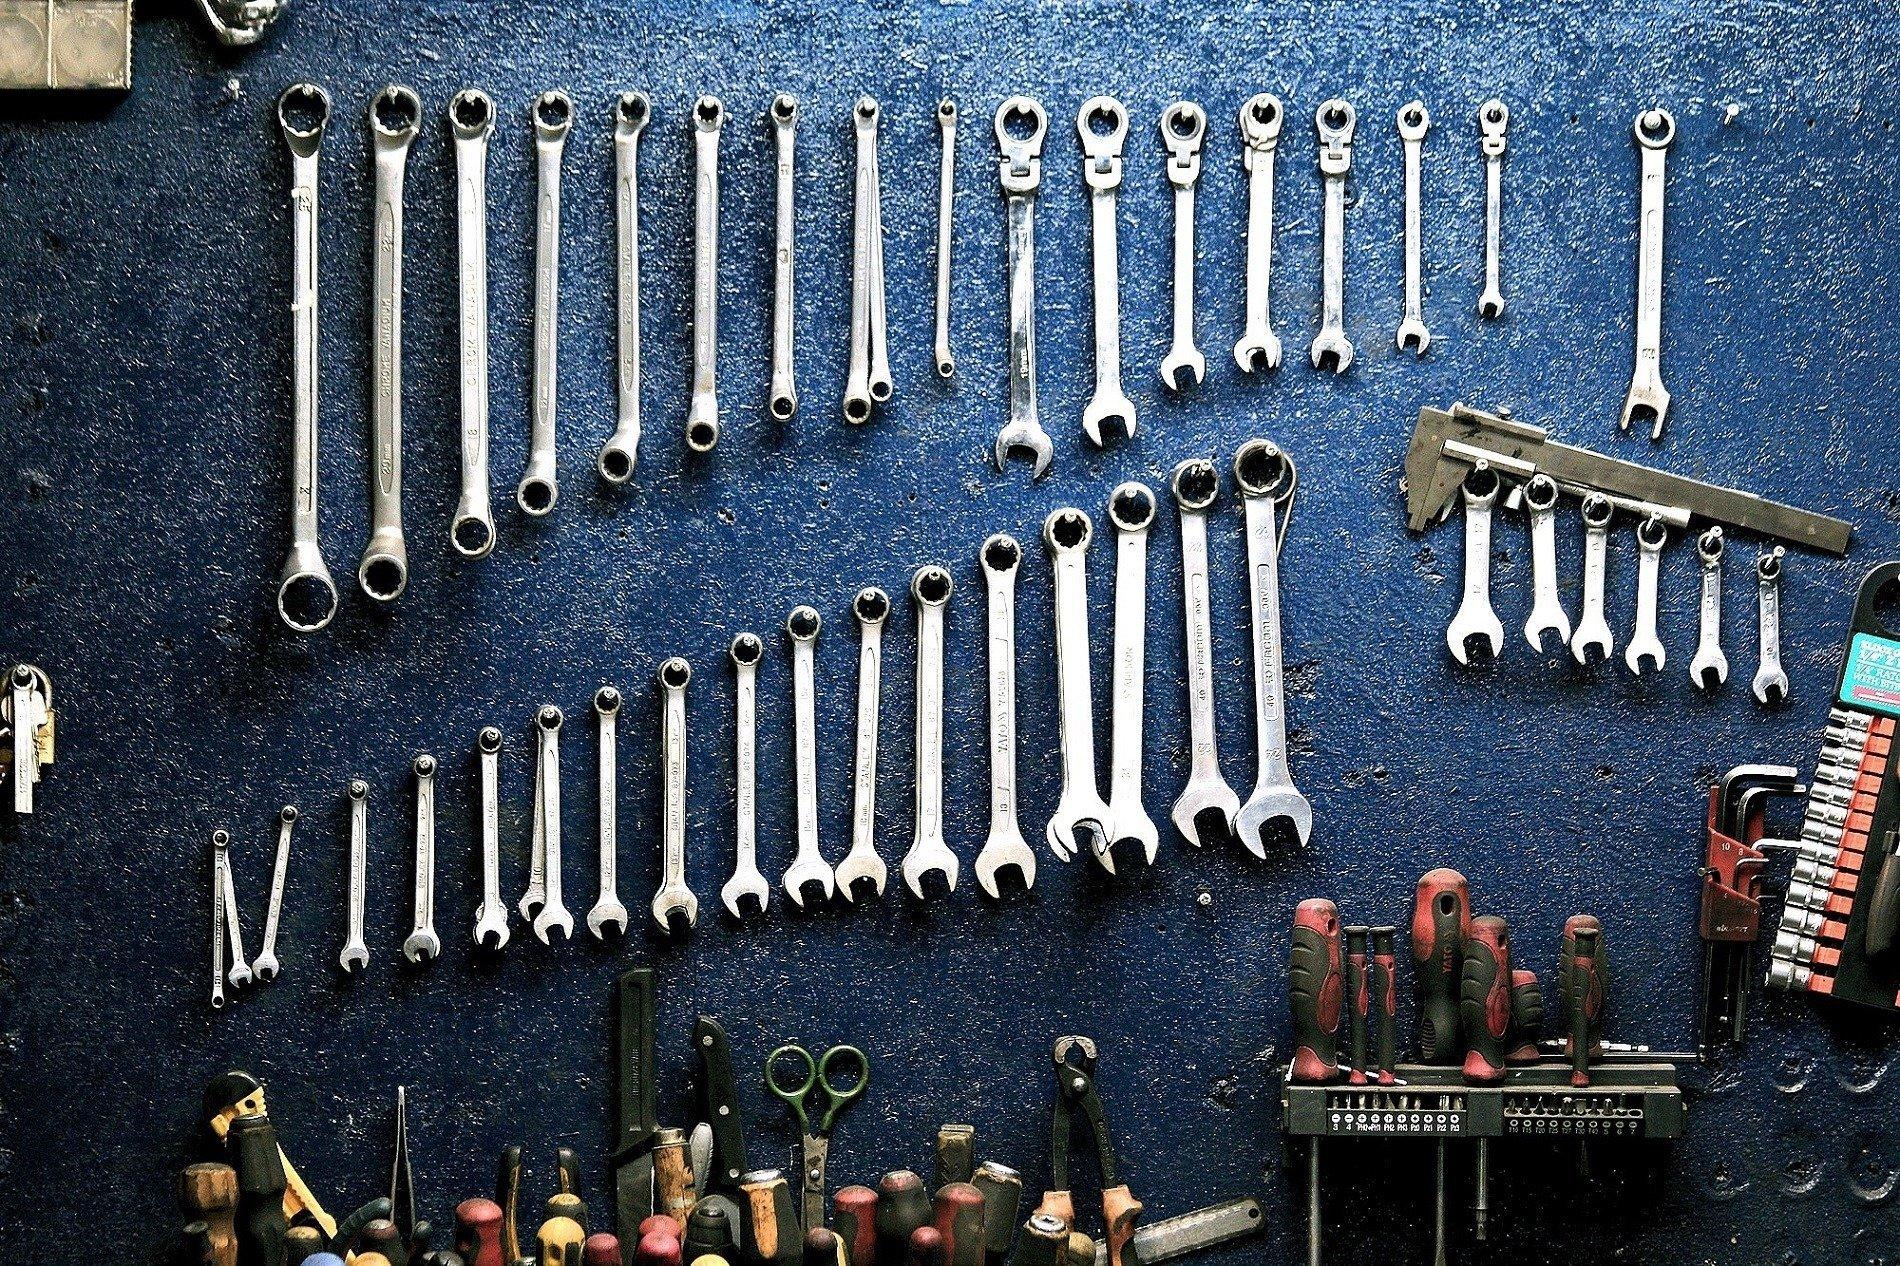 mechanic tools female customers